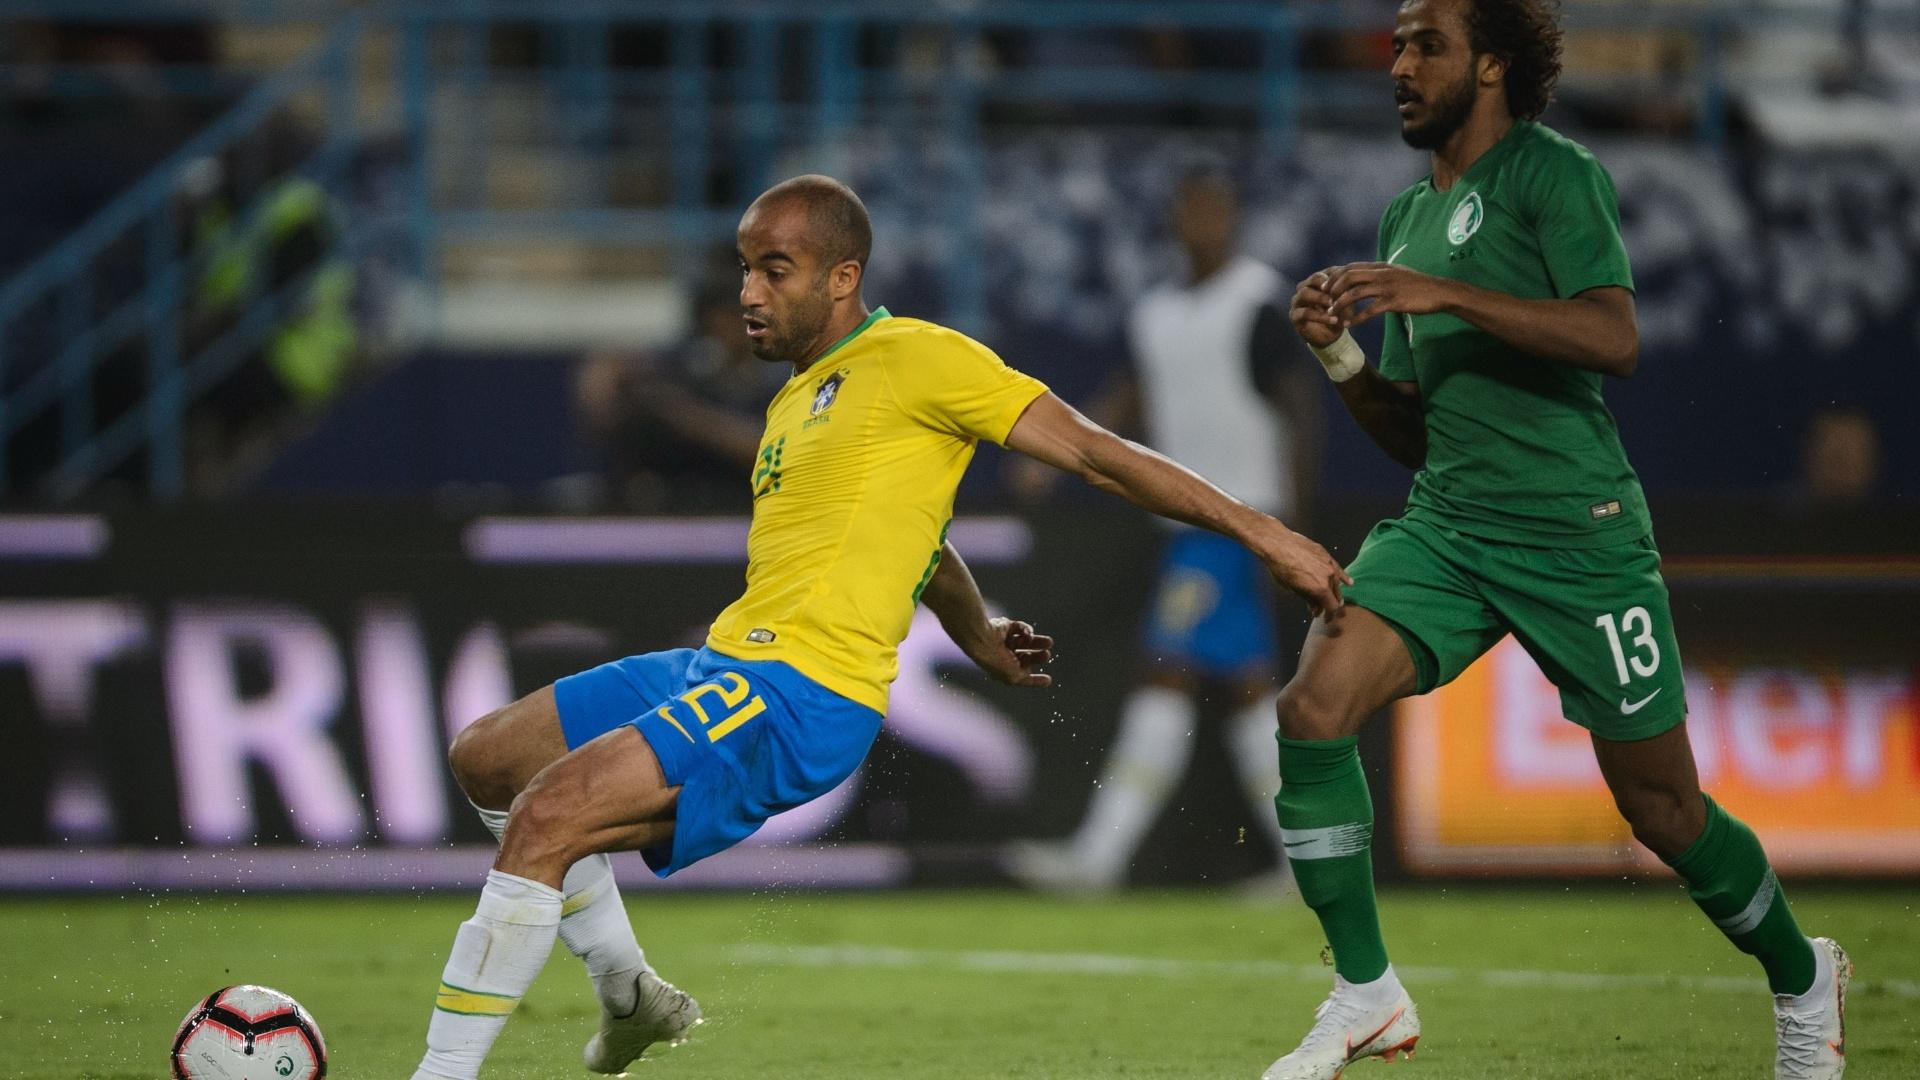 Lucas Moura tenta chute durante amistoso da seleção brasileira contra a Arábia Saudita